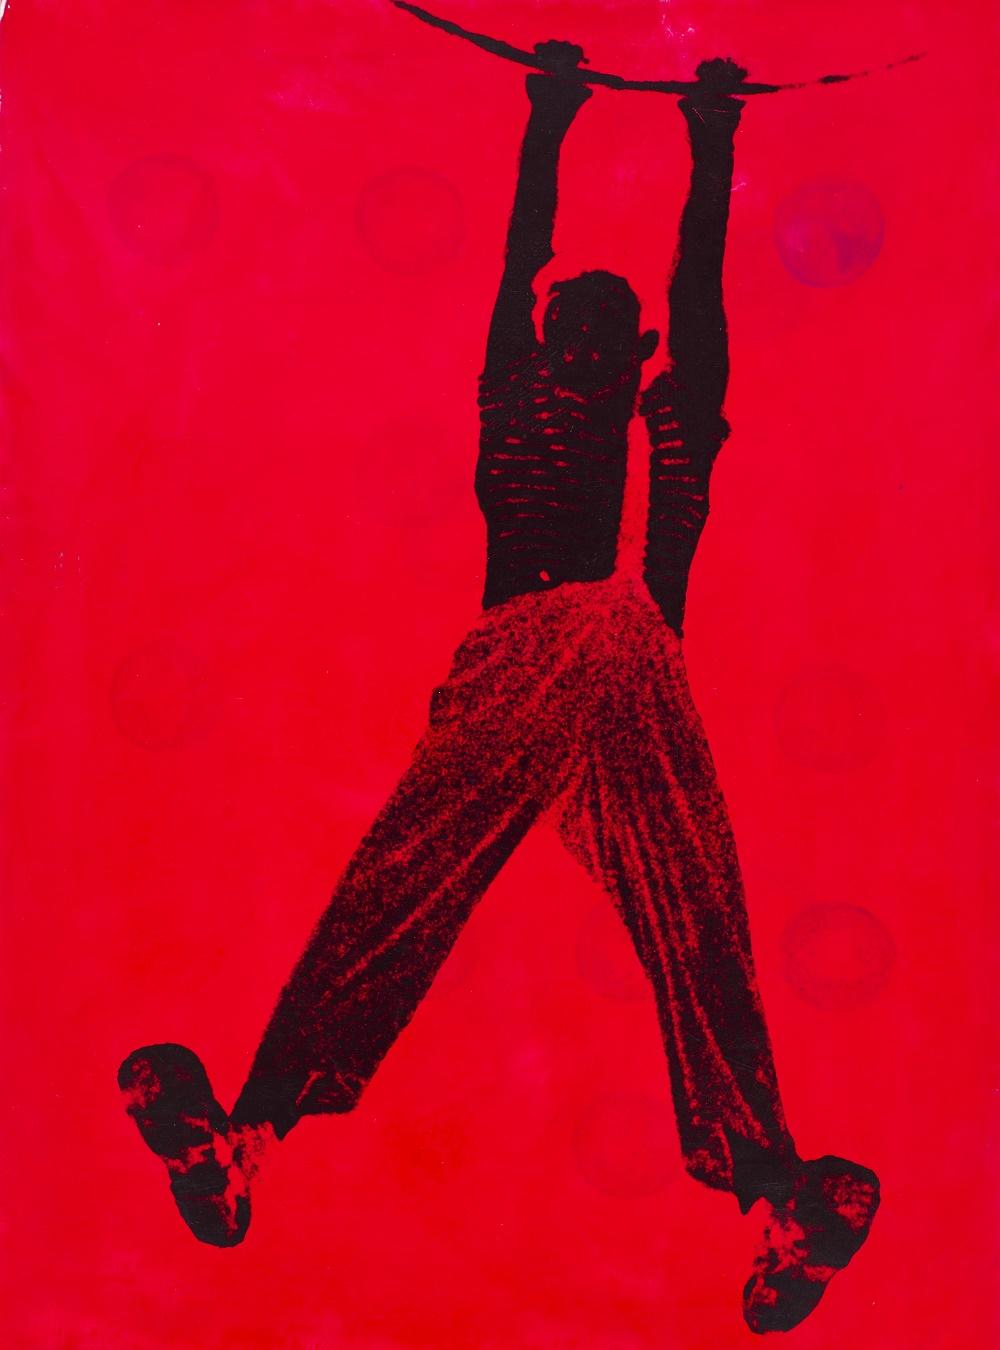 """Wojciech Zamecznik, studium doprojektu broszury cyrku """"As"""", 1963, dzięki uprzejmości Fundacji Archeologia Fotografii"""